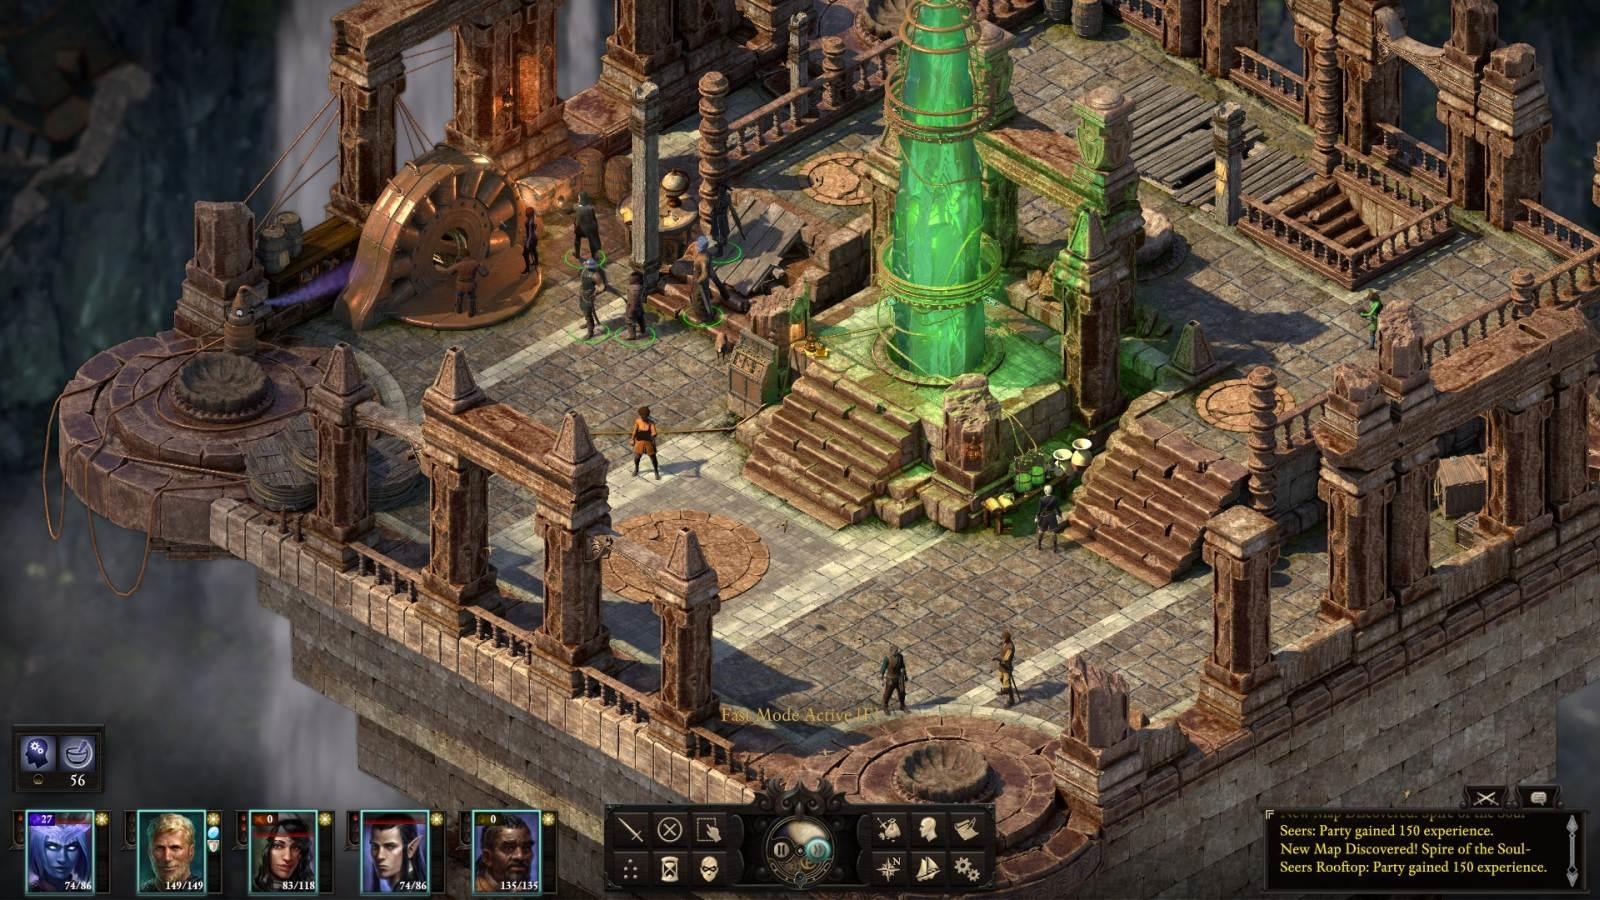 Pillars of Eternity 2: Deadfire; screenshot: středisko